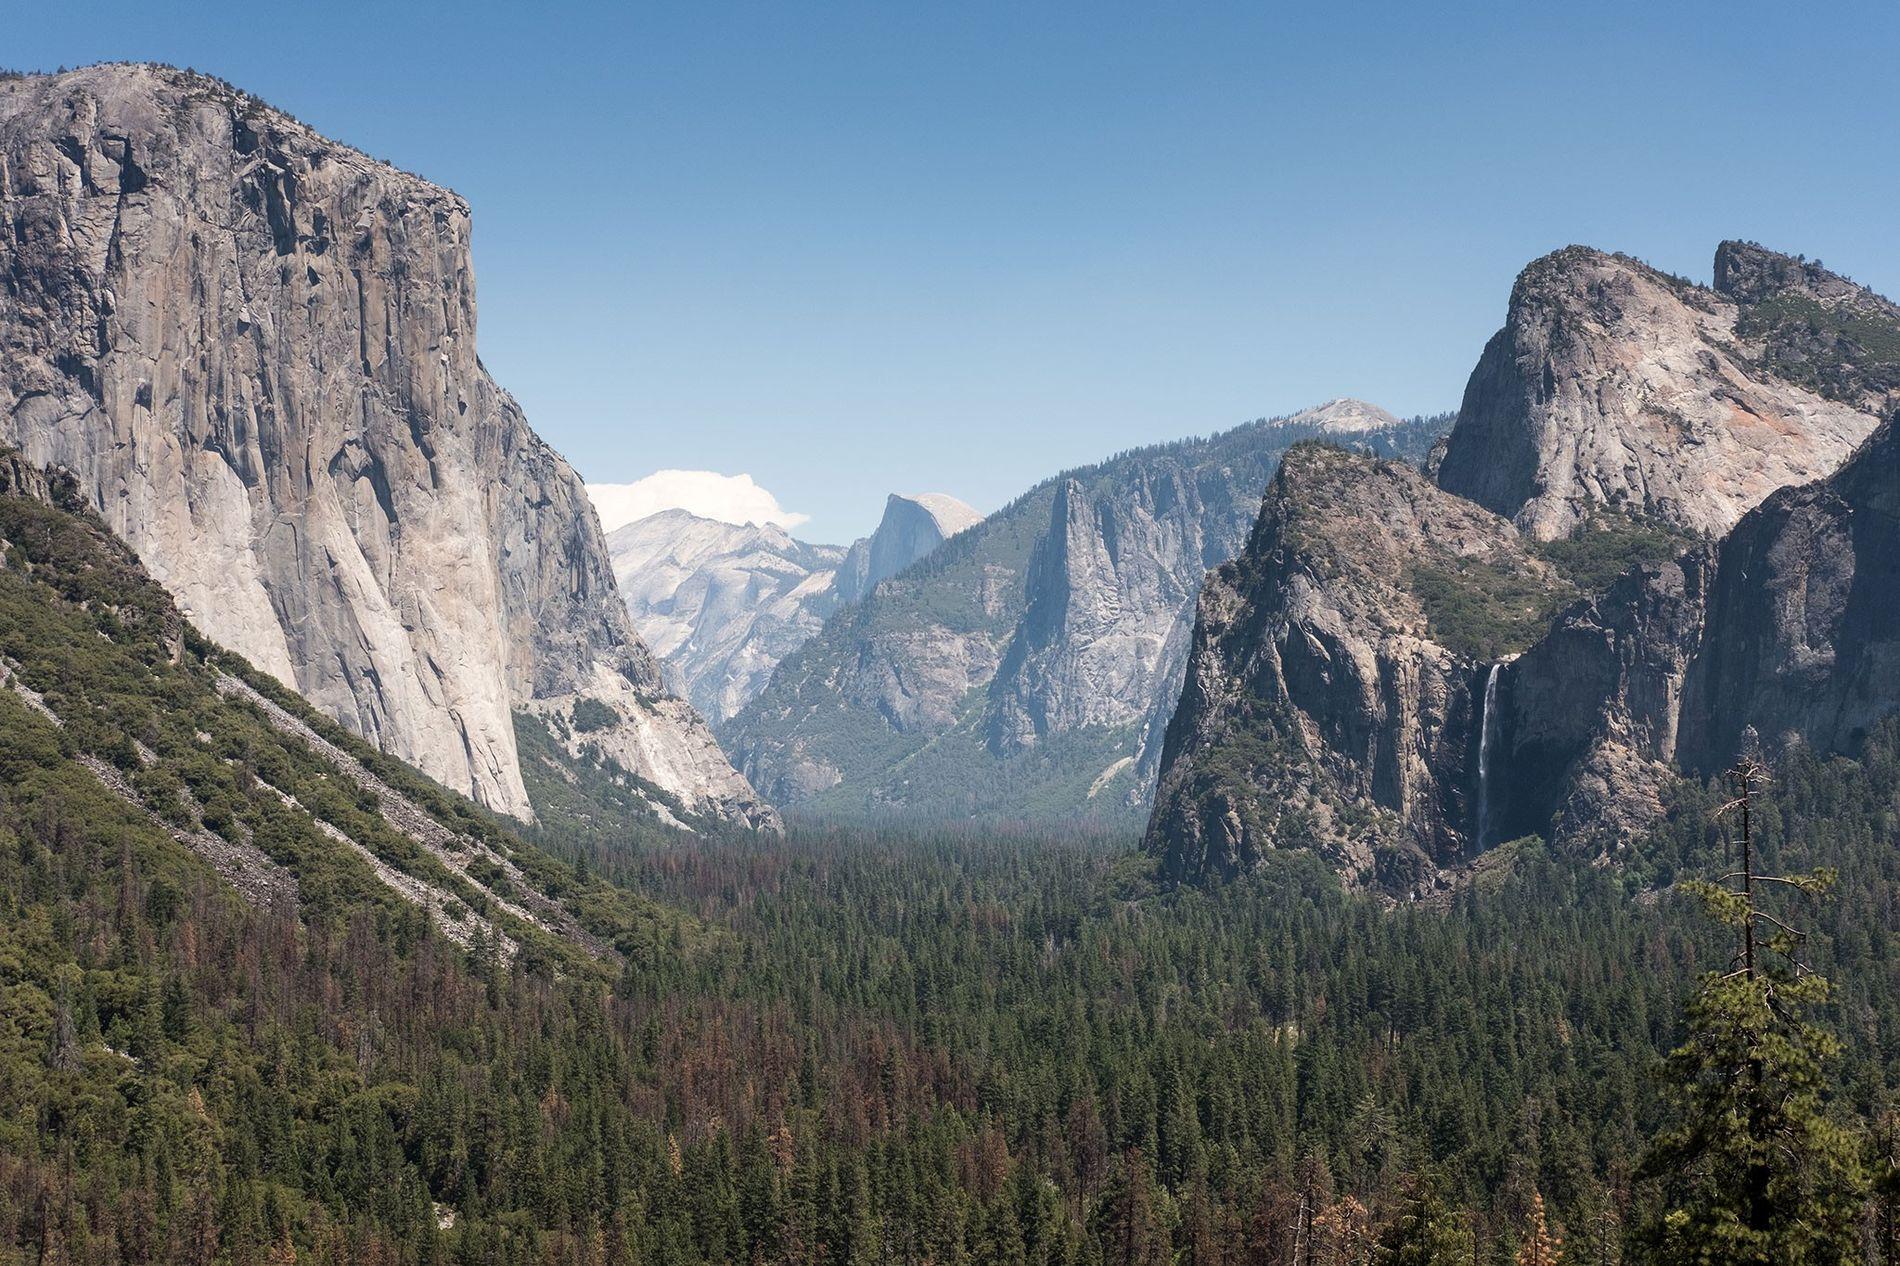 Panorâmicas icónicas, como esta vista de Bridal Veil Falls, fazem de Yosemite um dos parques nacionais ...